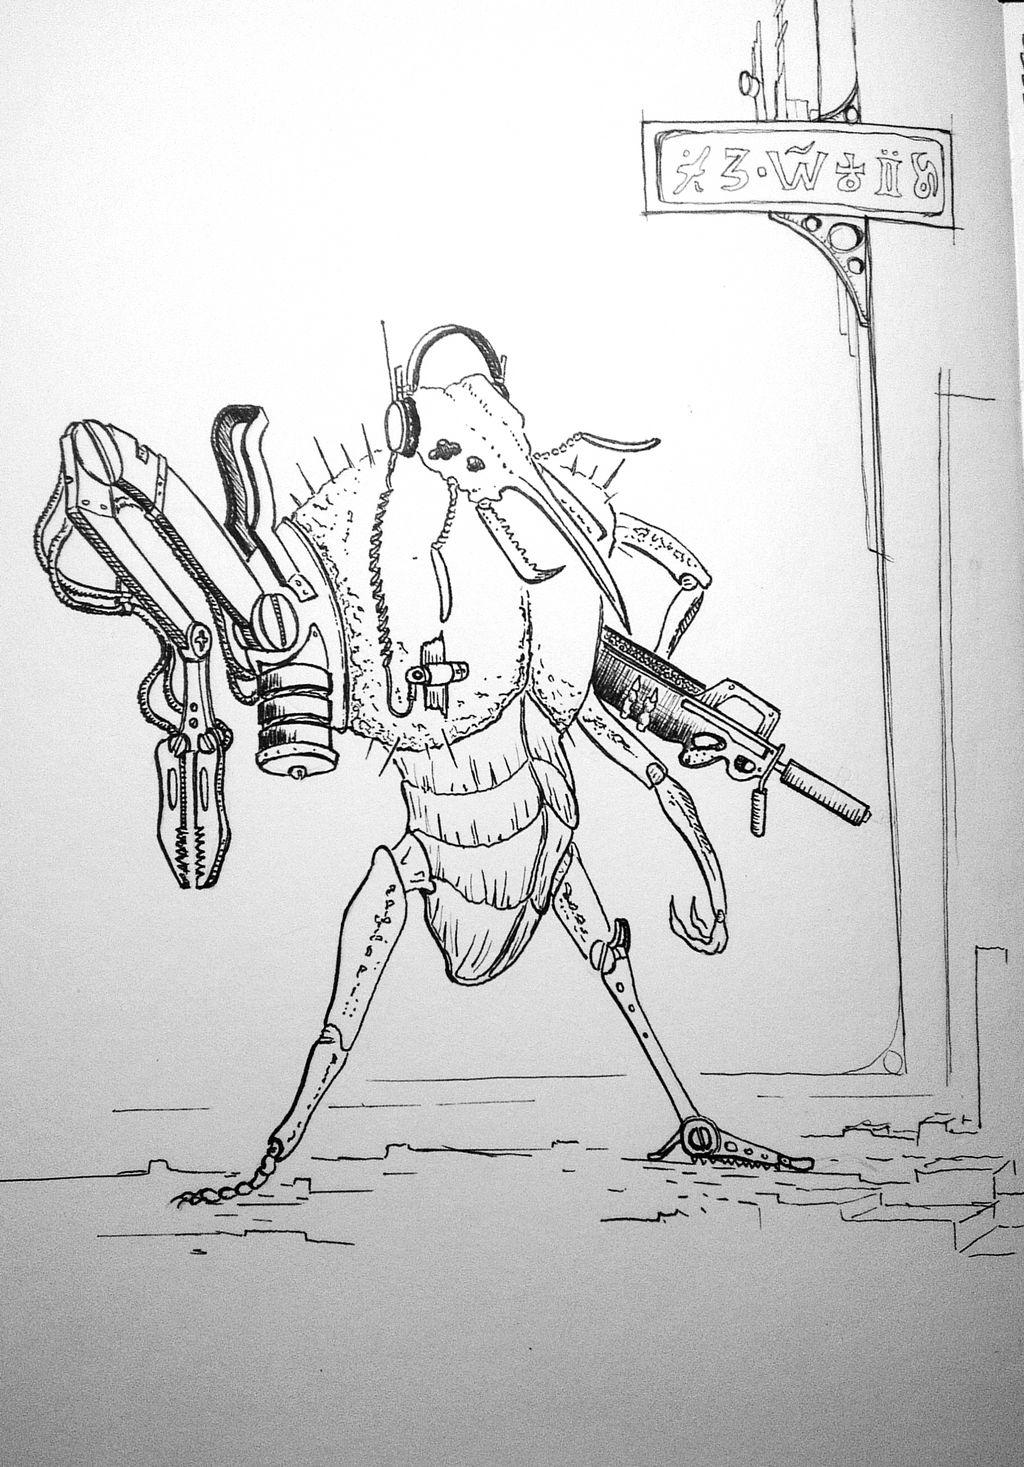 Cyberpunk Bug